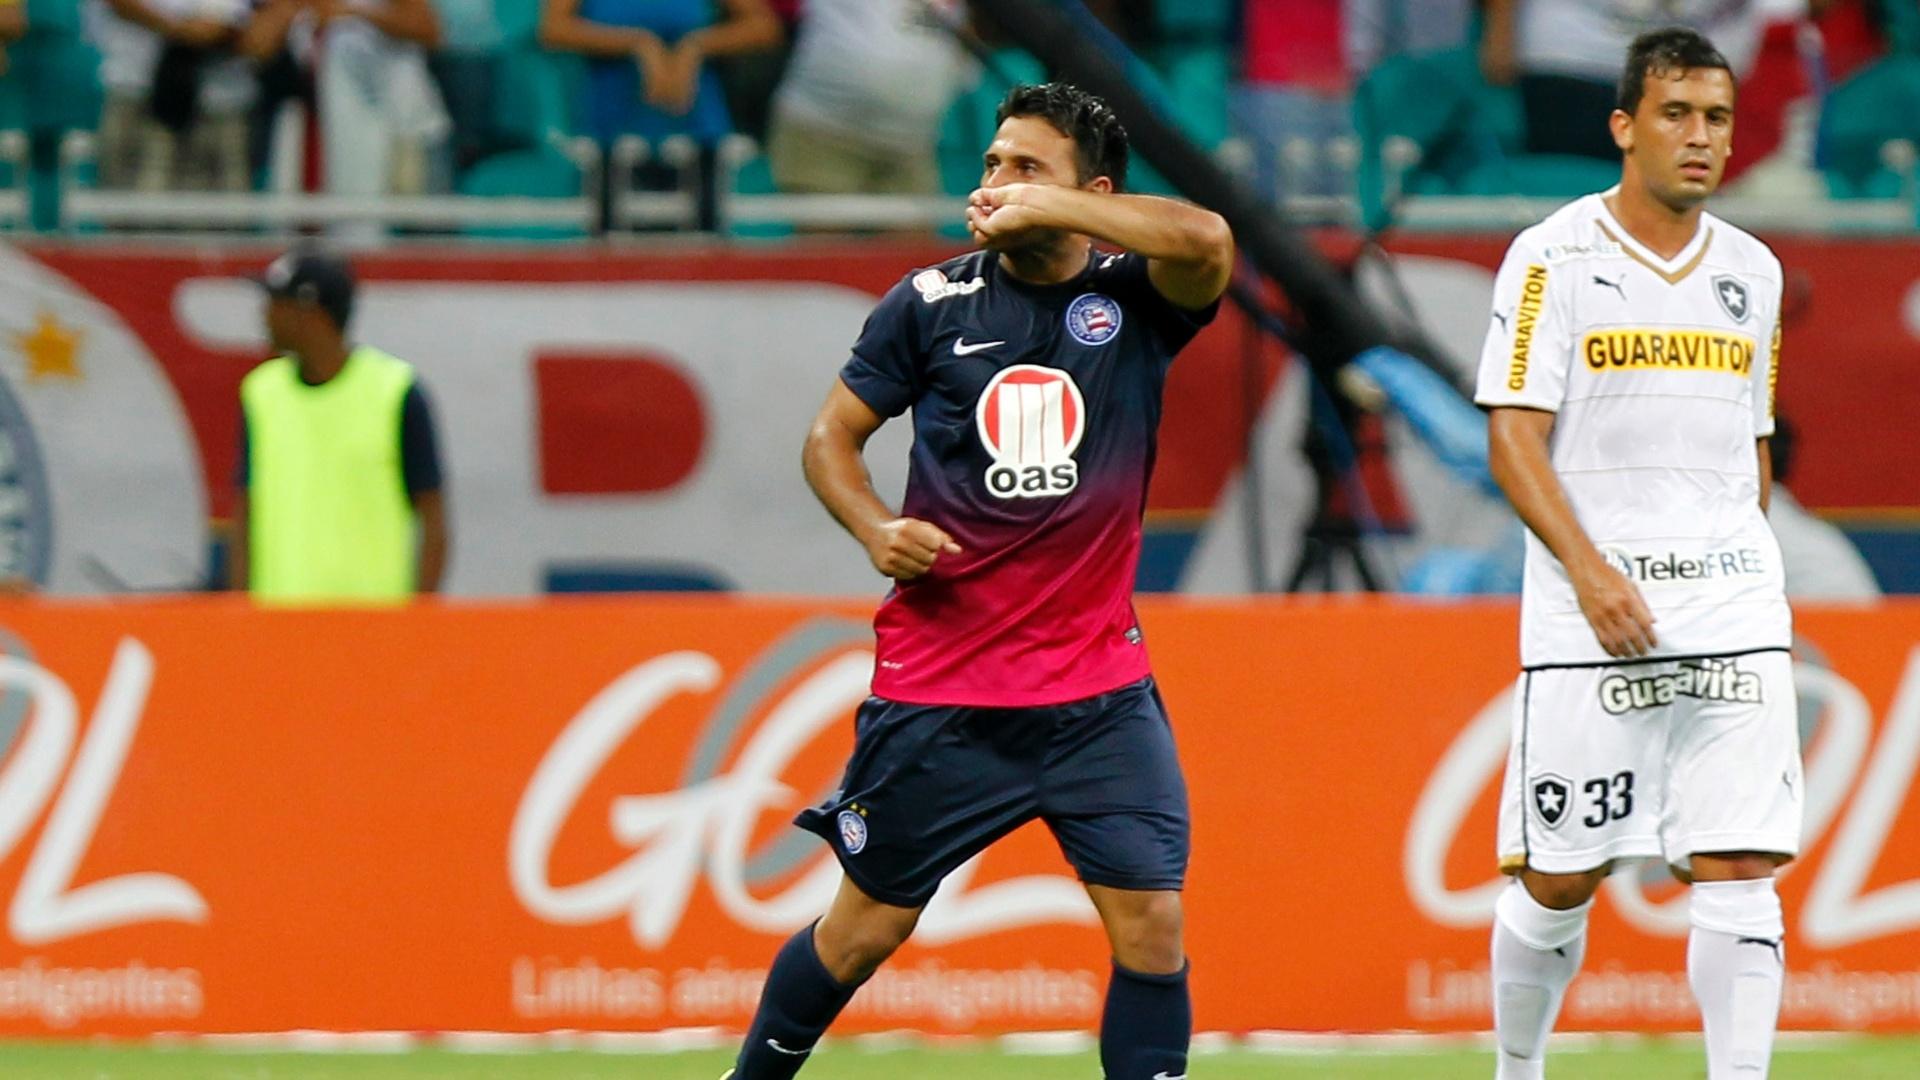 04.mai.2014 - Maxi Biancucchi comemora ao marcar um gol para o Bahia contra o Botafogo em jogo válido pelo Campeonato Brasileiro